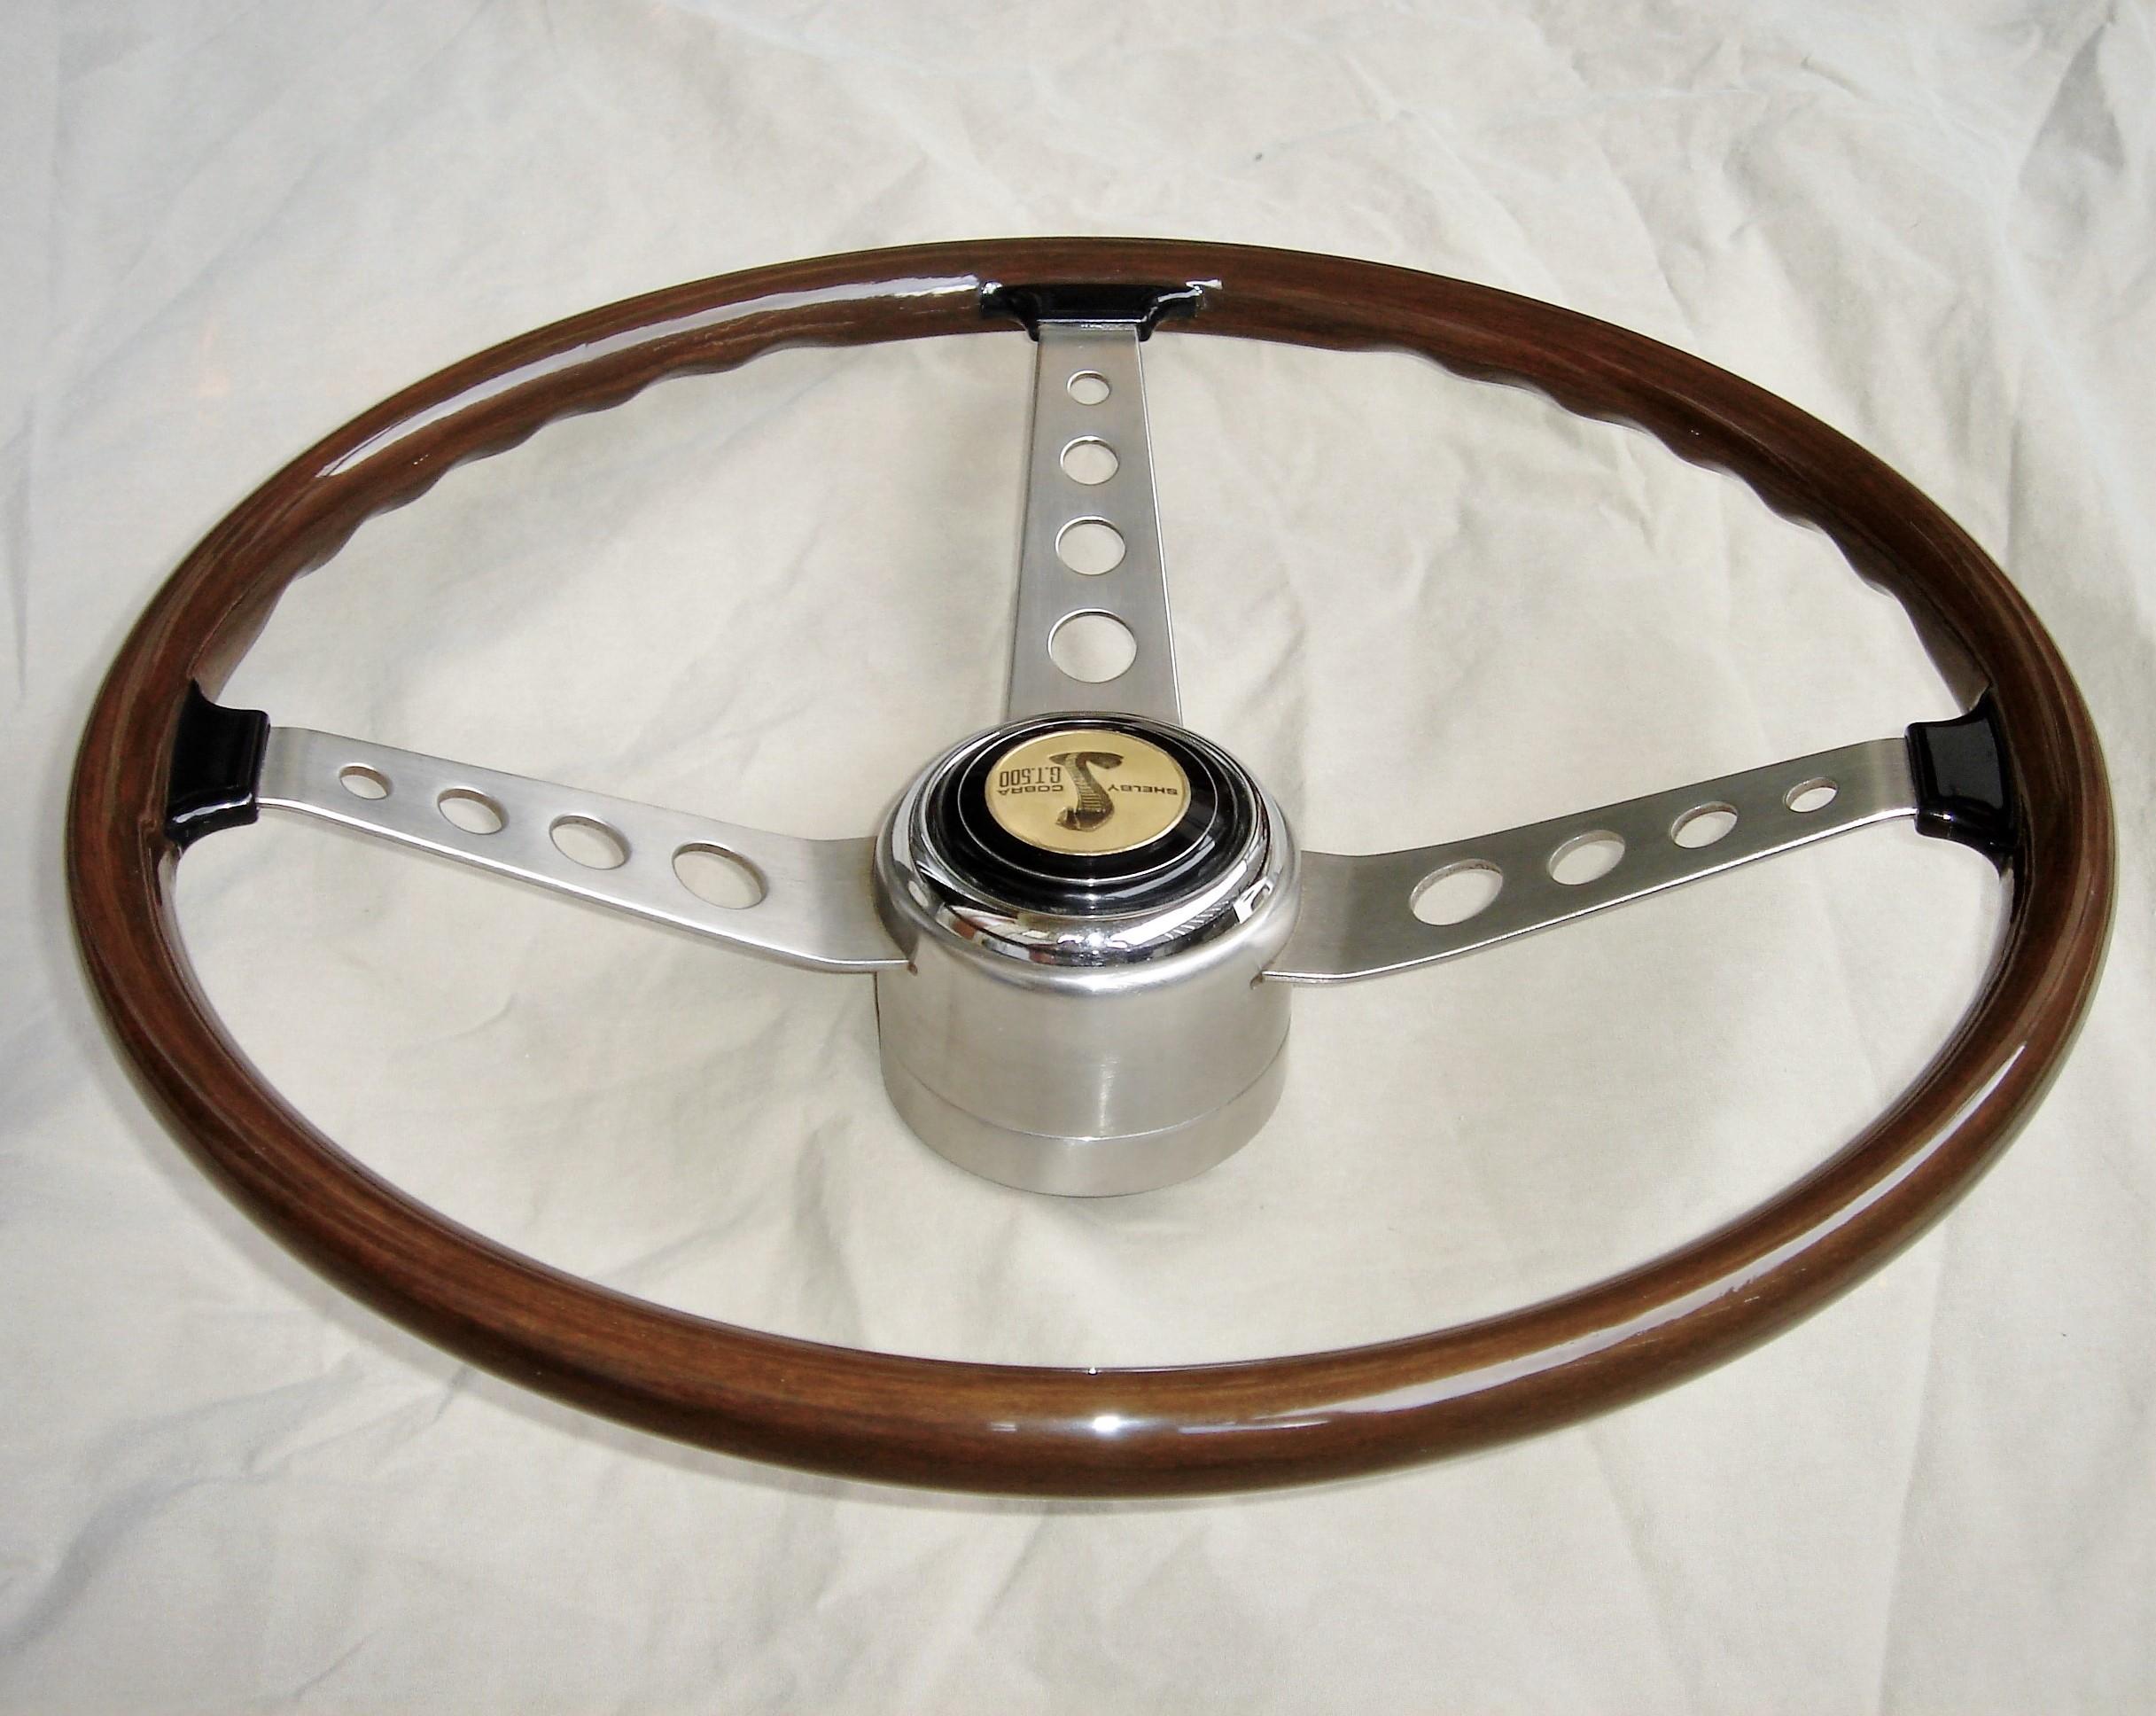 1967 Shelby wooden steering wheel